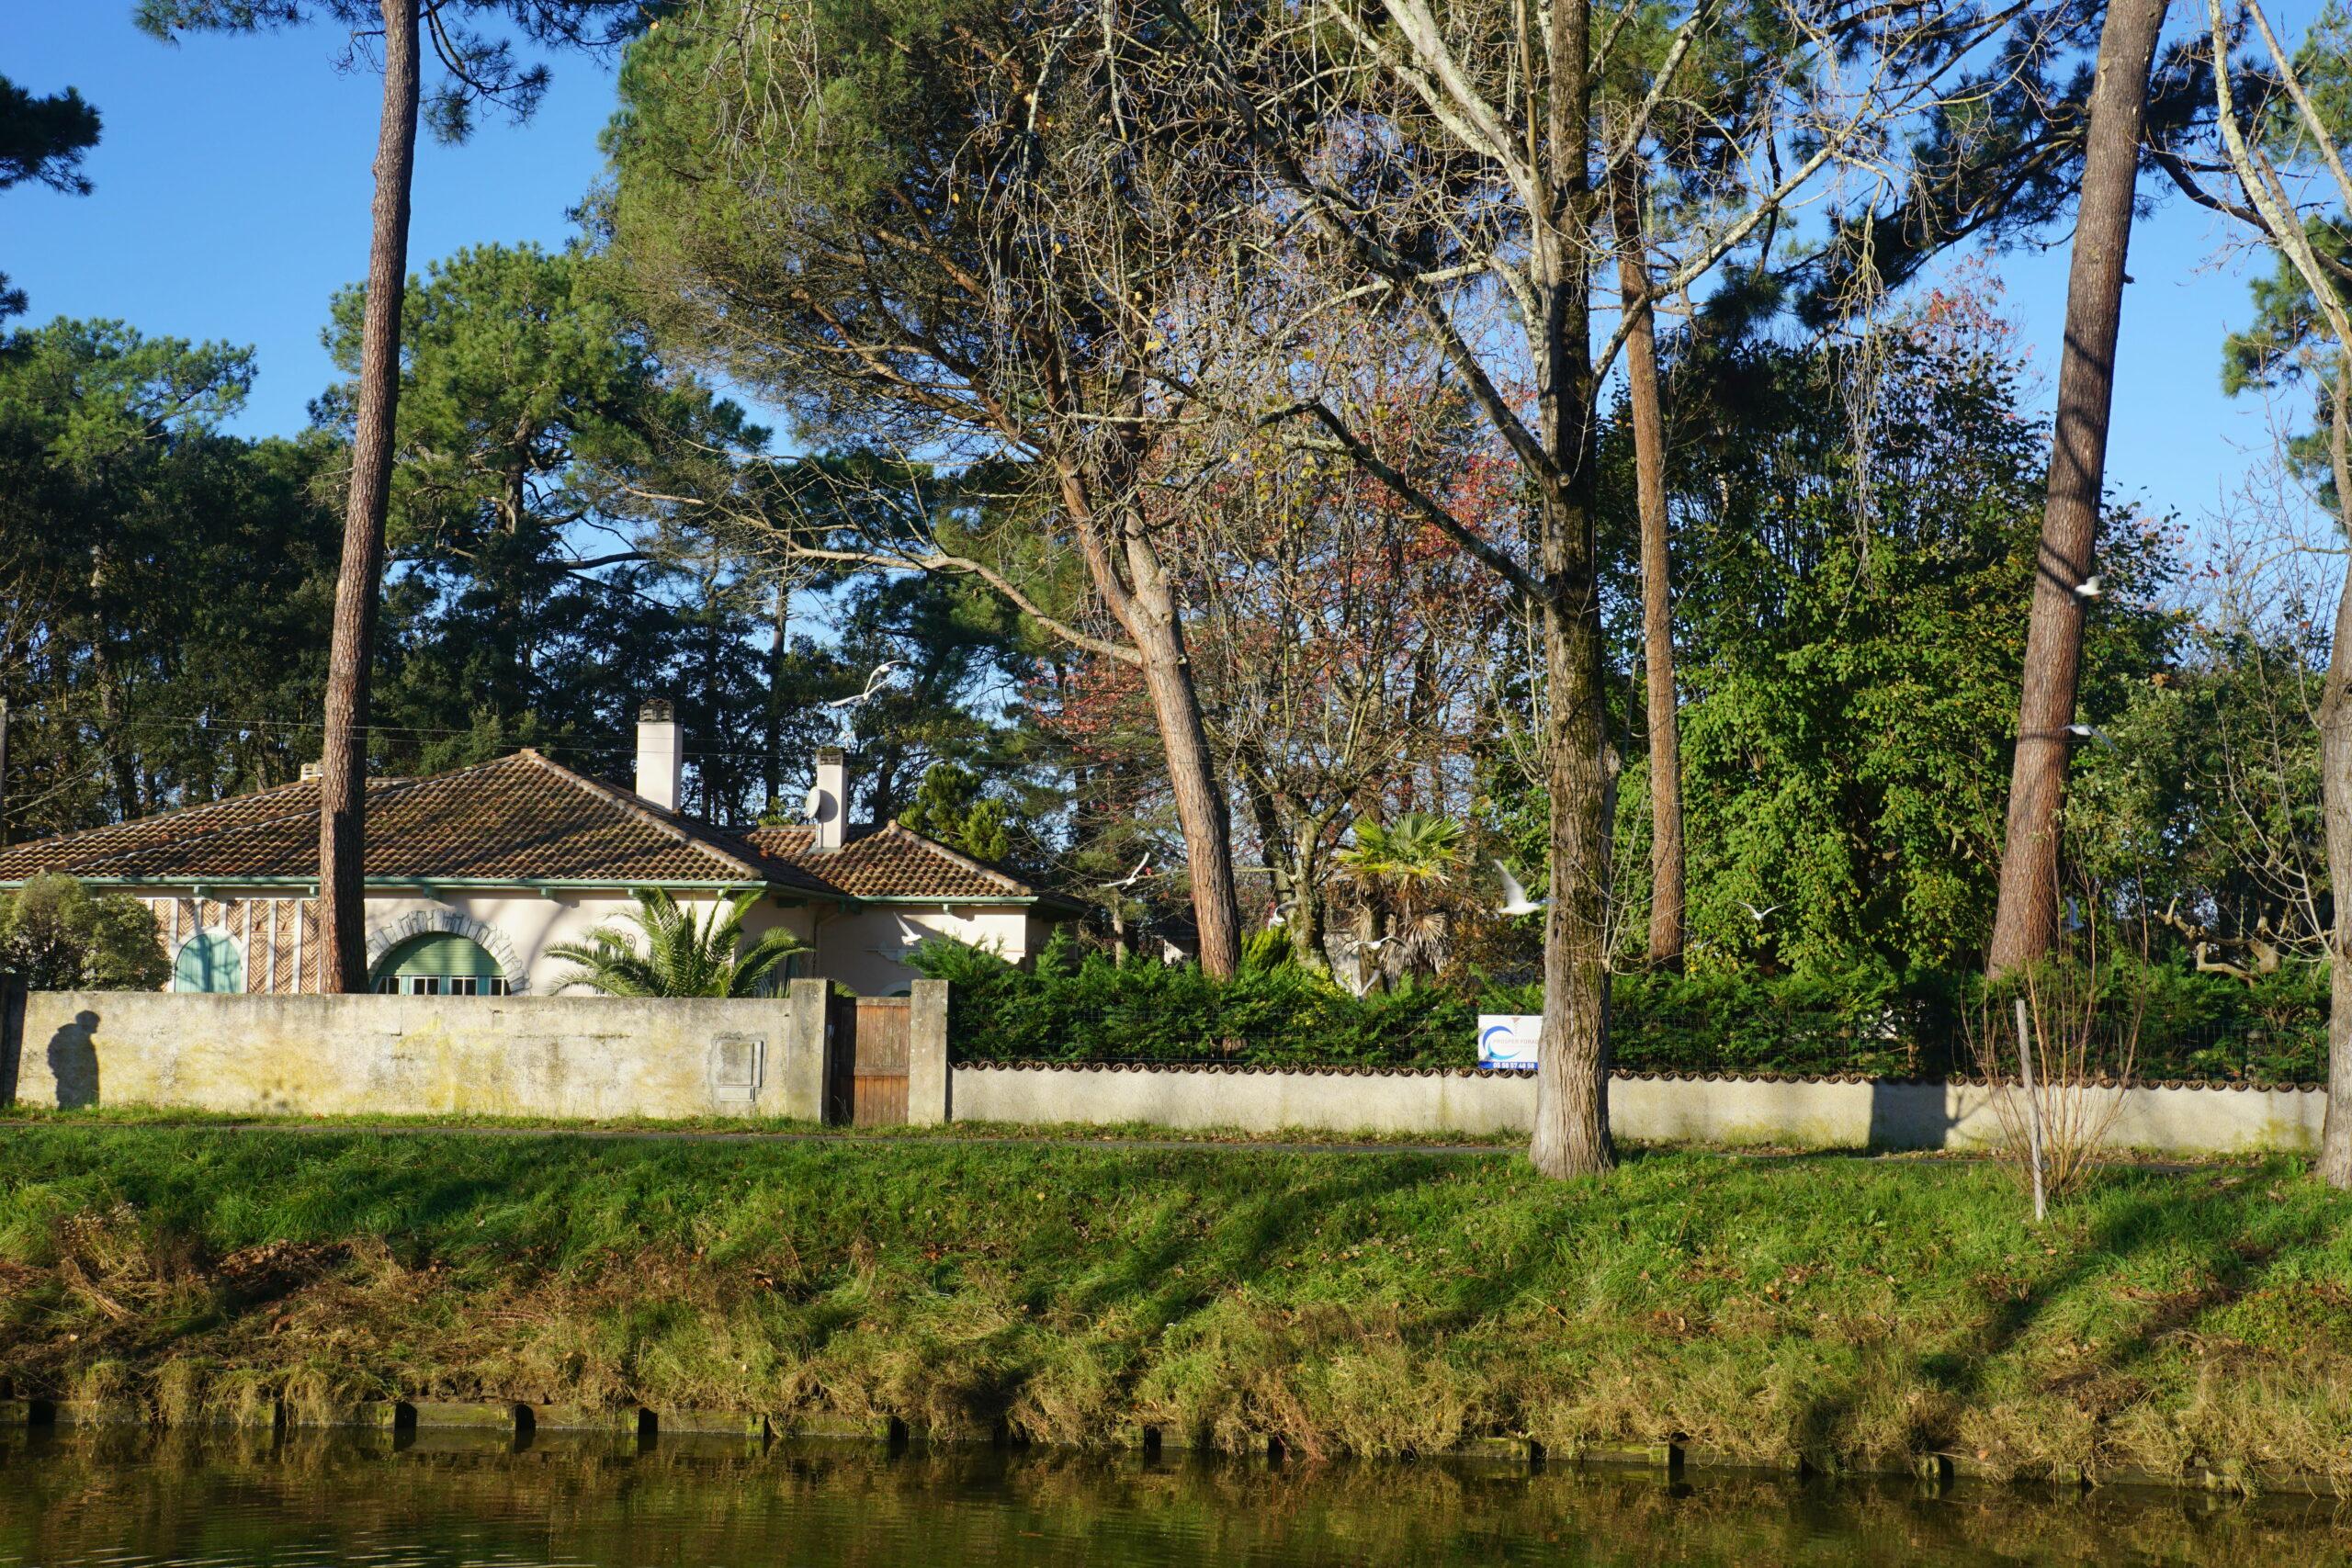 Photographie d'un bord de canal où un vol de mouettes est camouflé au milieu des pins. On aperçoit l'ombre d'une promeneur sur un muret.